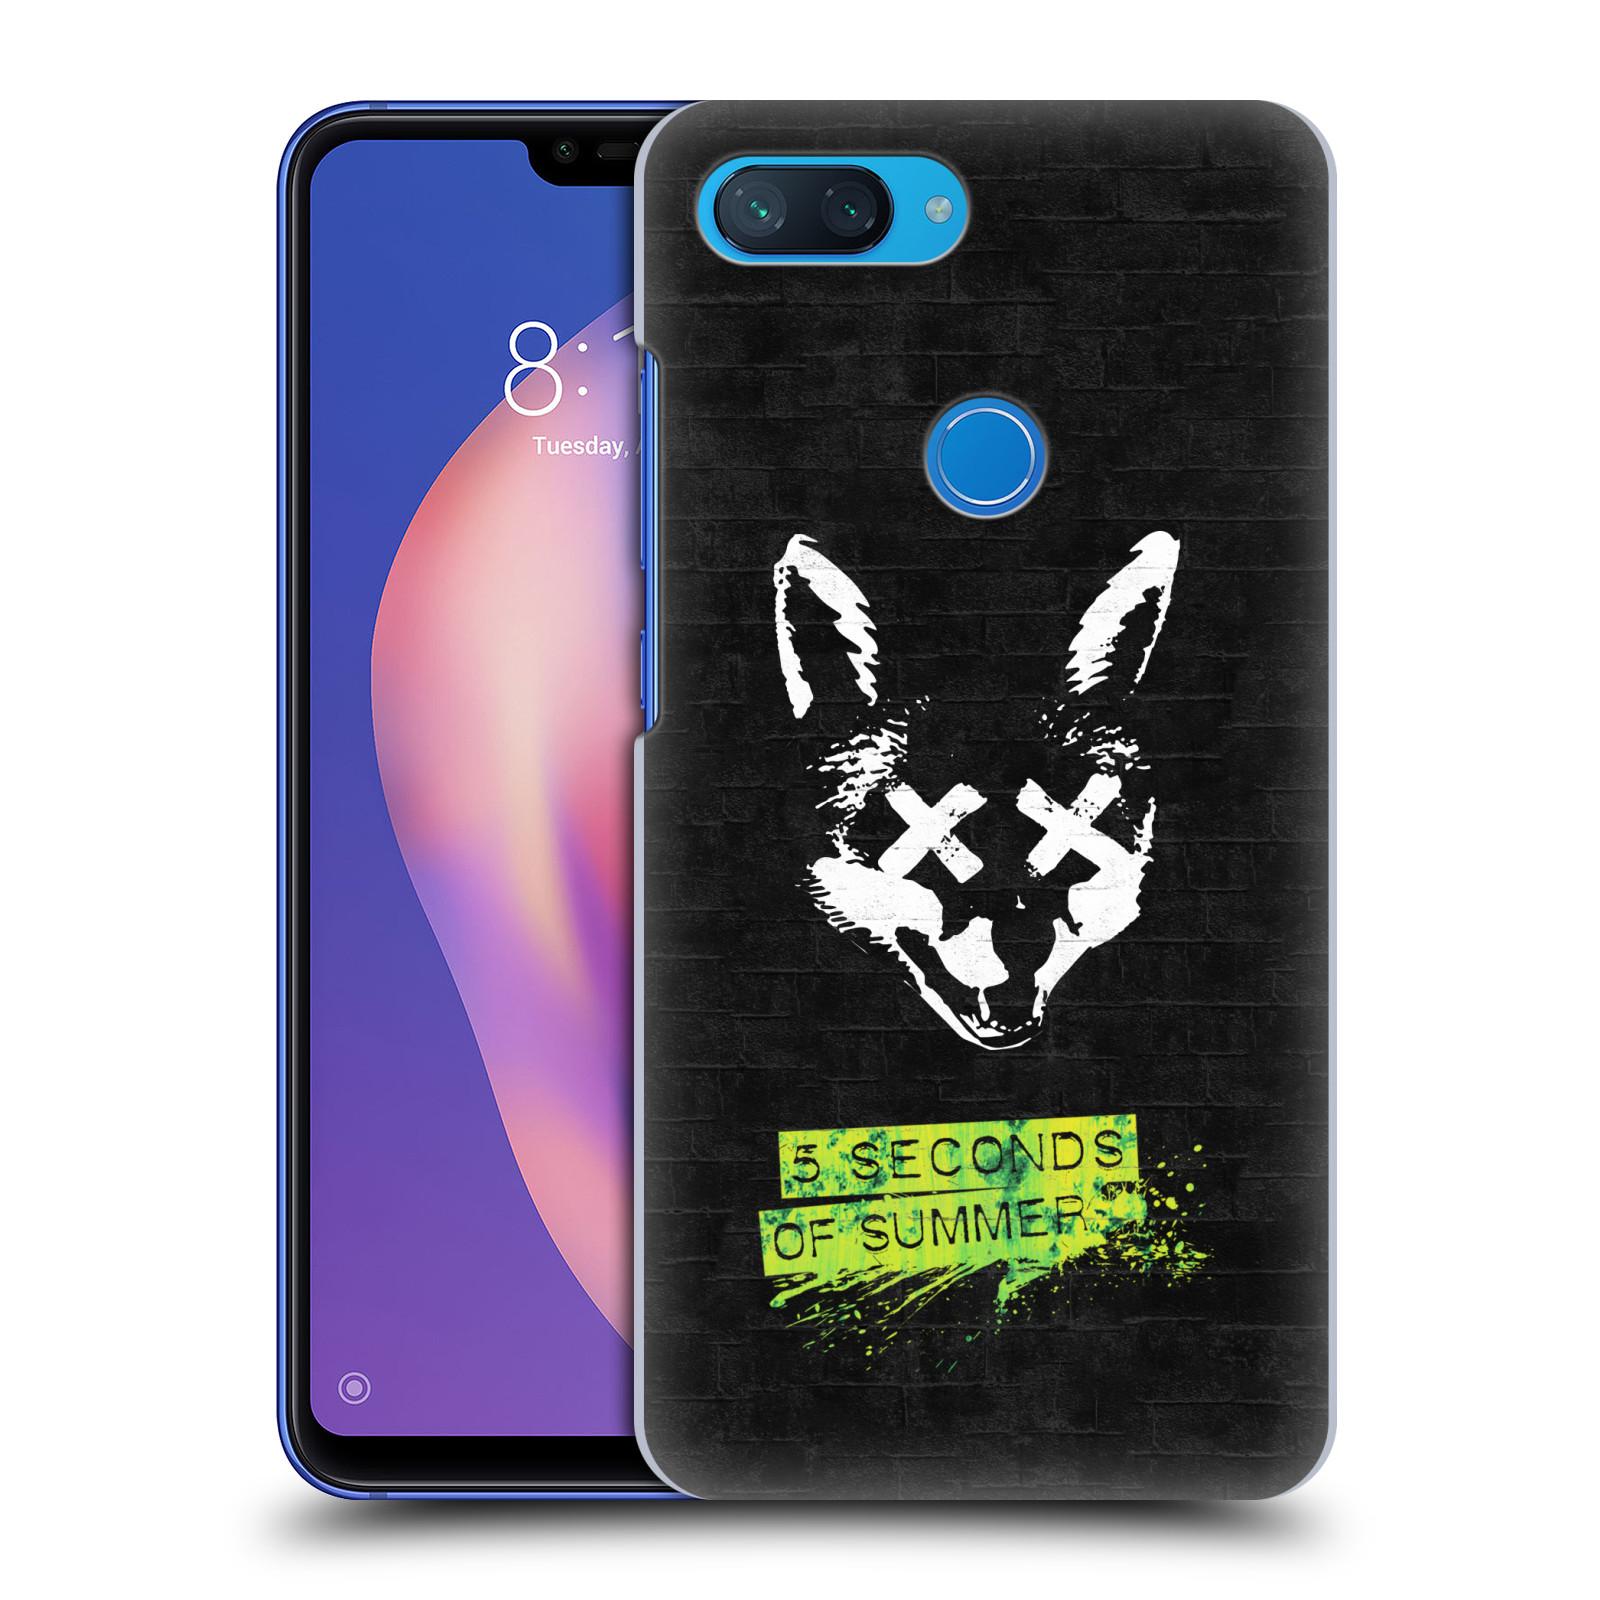 Plastové pouzdro na mobil Xiaomi Mi 8 Lite - Head Case - 5 Seconds of Summer - Fox